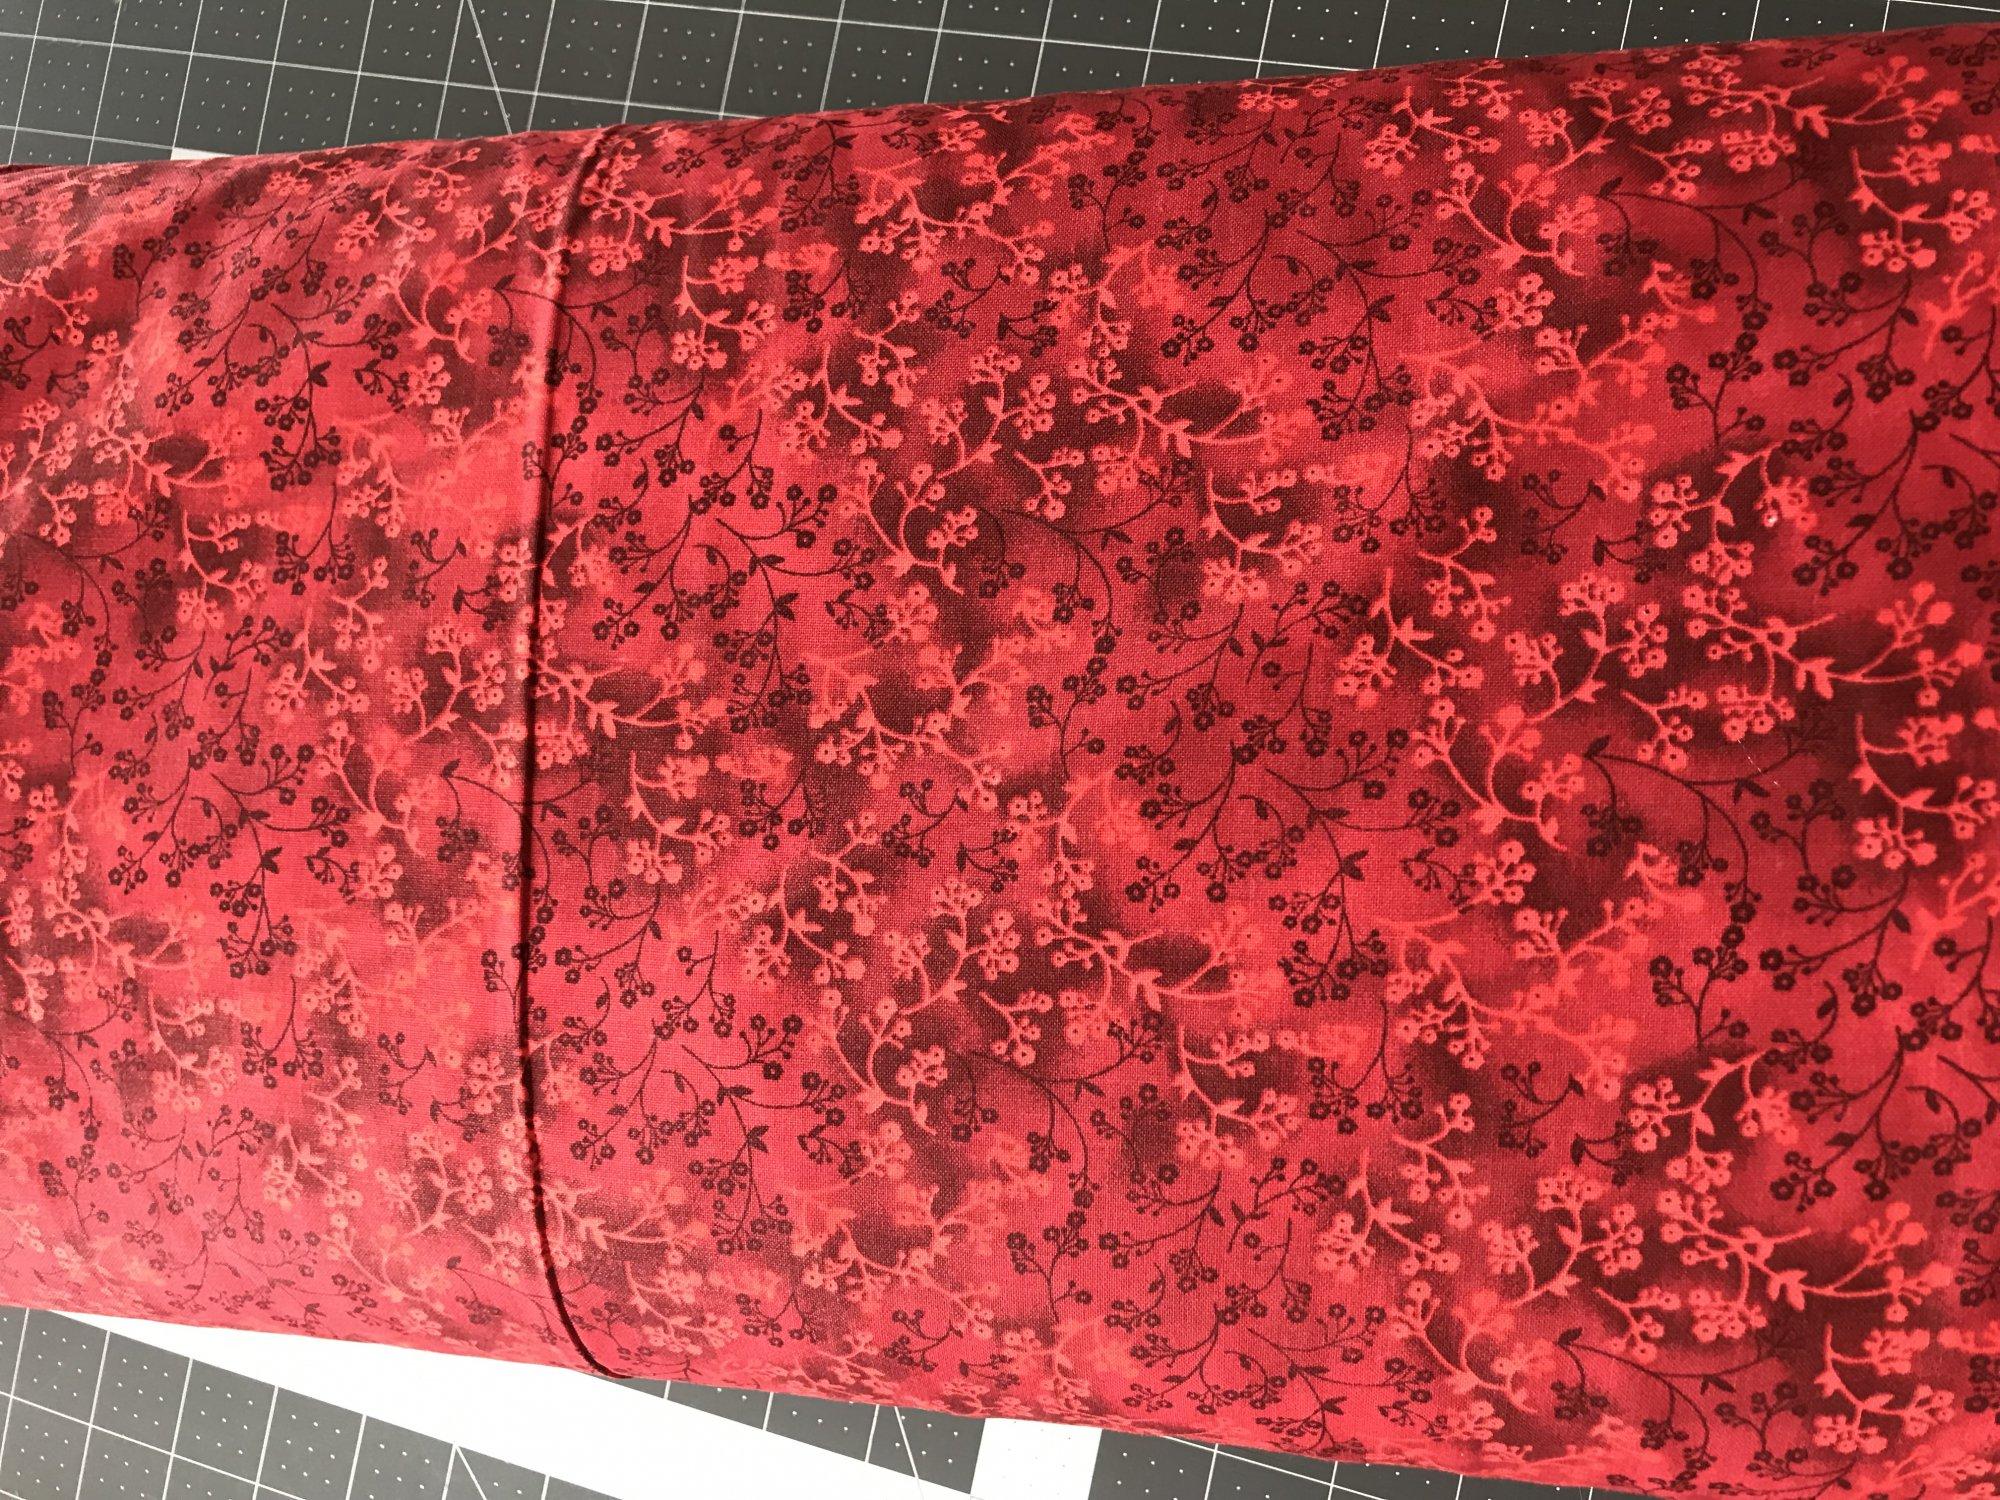 108 Red Razzle Dazzle